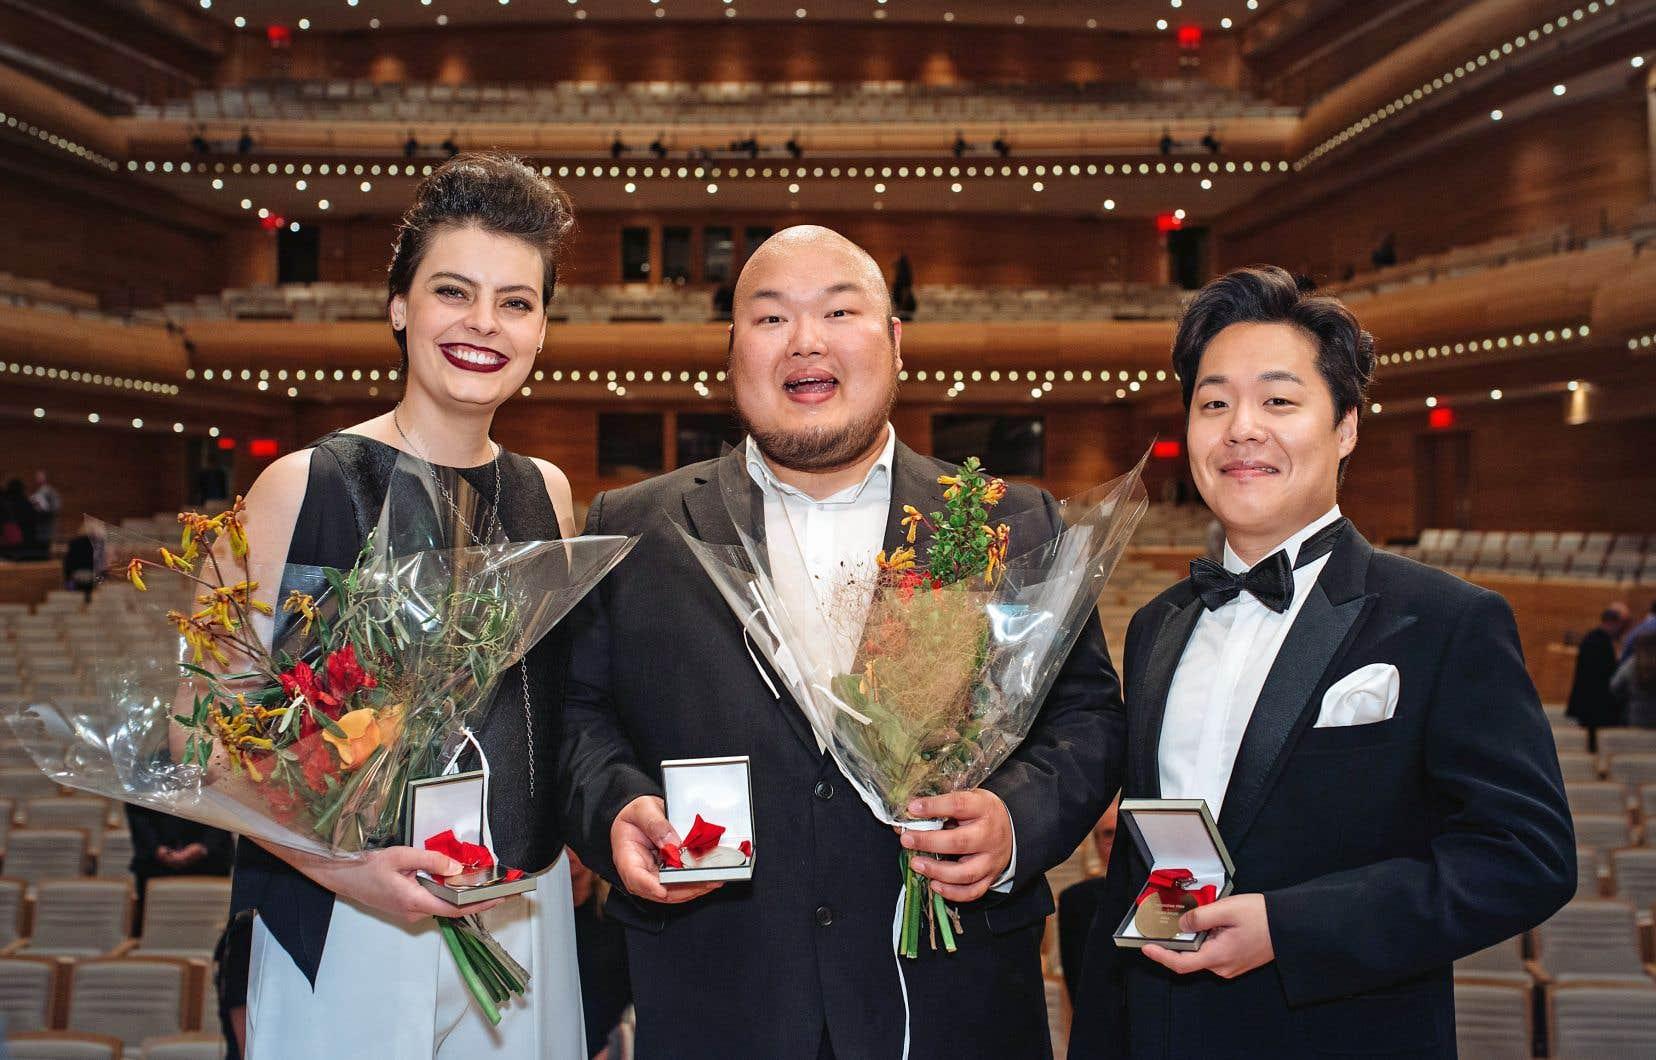 Cela fait une vingtaine d'années que des Coréens, tels que Mario Bahg (au centre), gagnent d'éminents concours de chant.